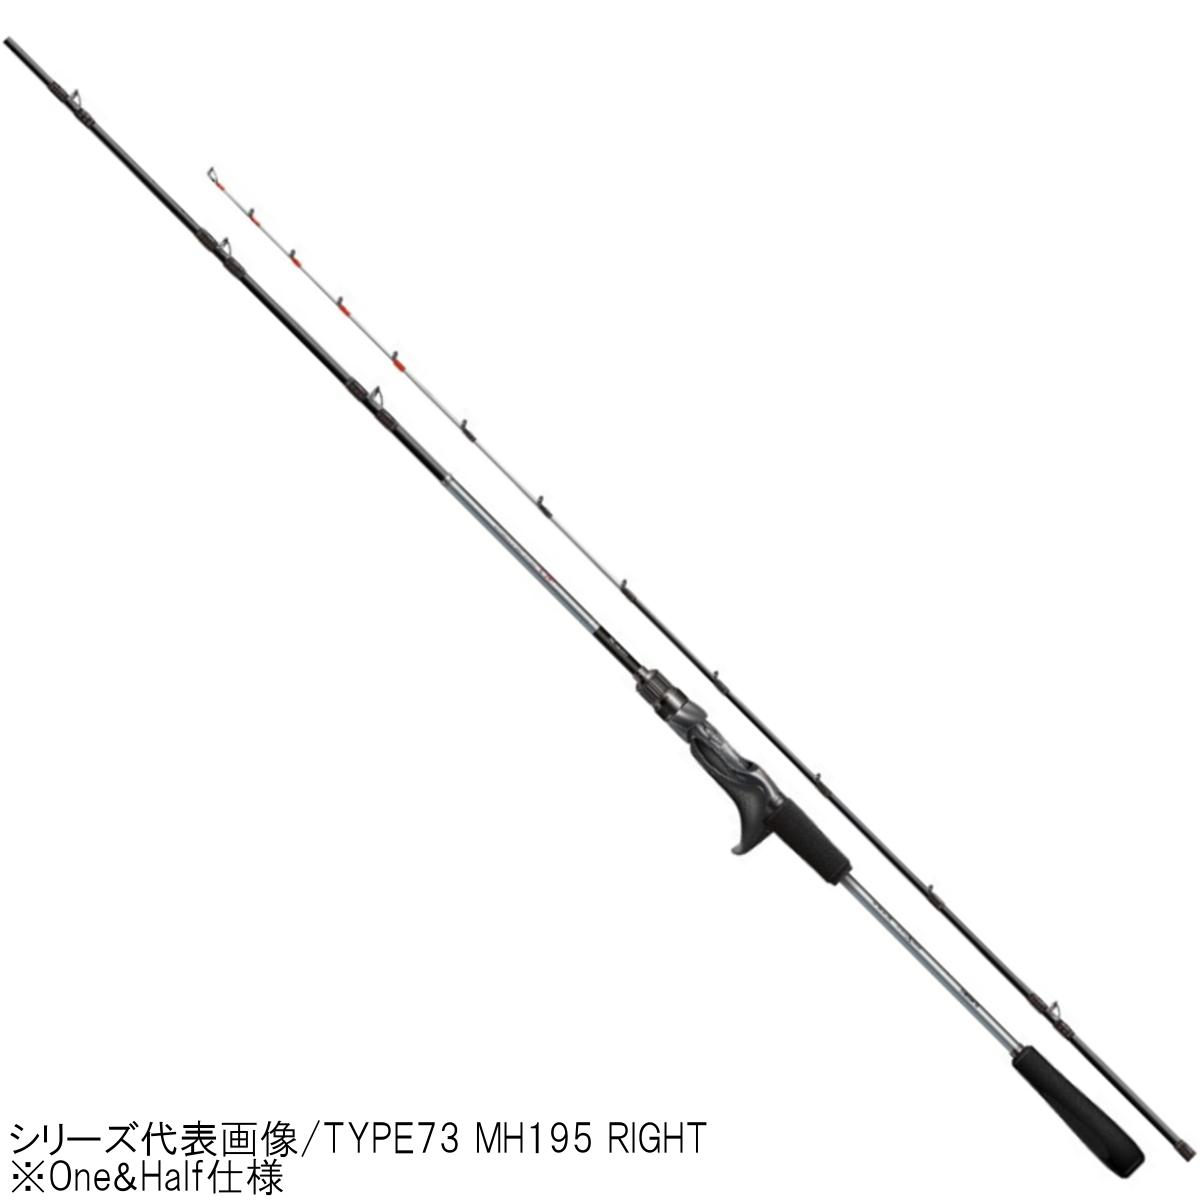 シマノ ライトゲーム CI4+ TYPE73 M200 RIGHT(東日本店)